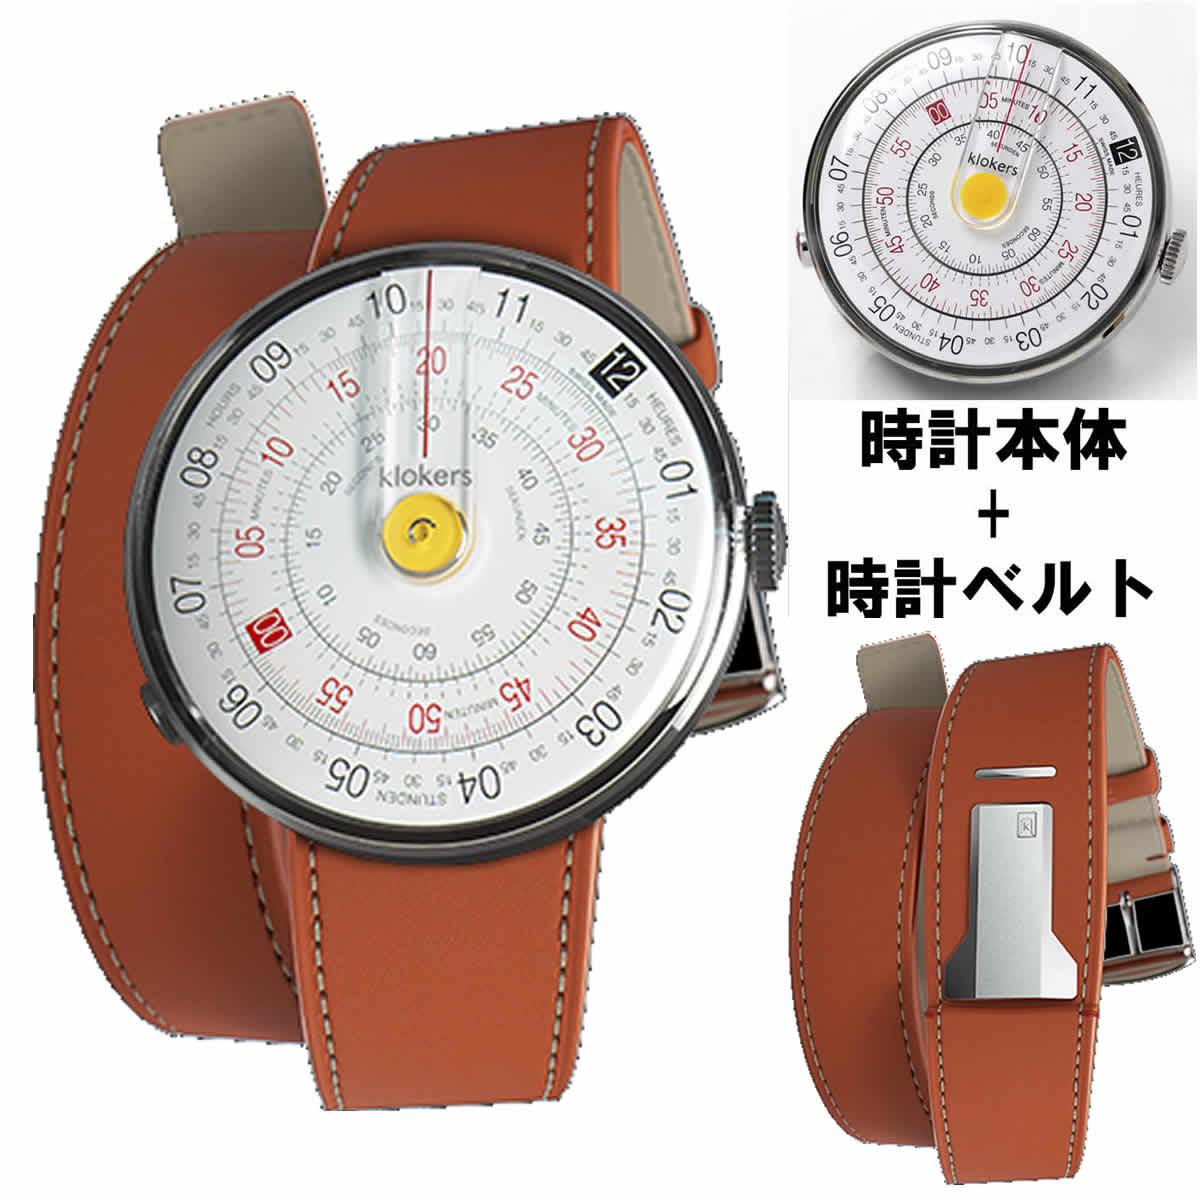 クロッカーズ腕時計 セット